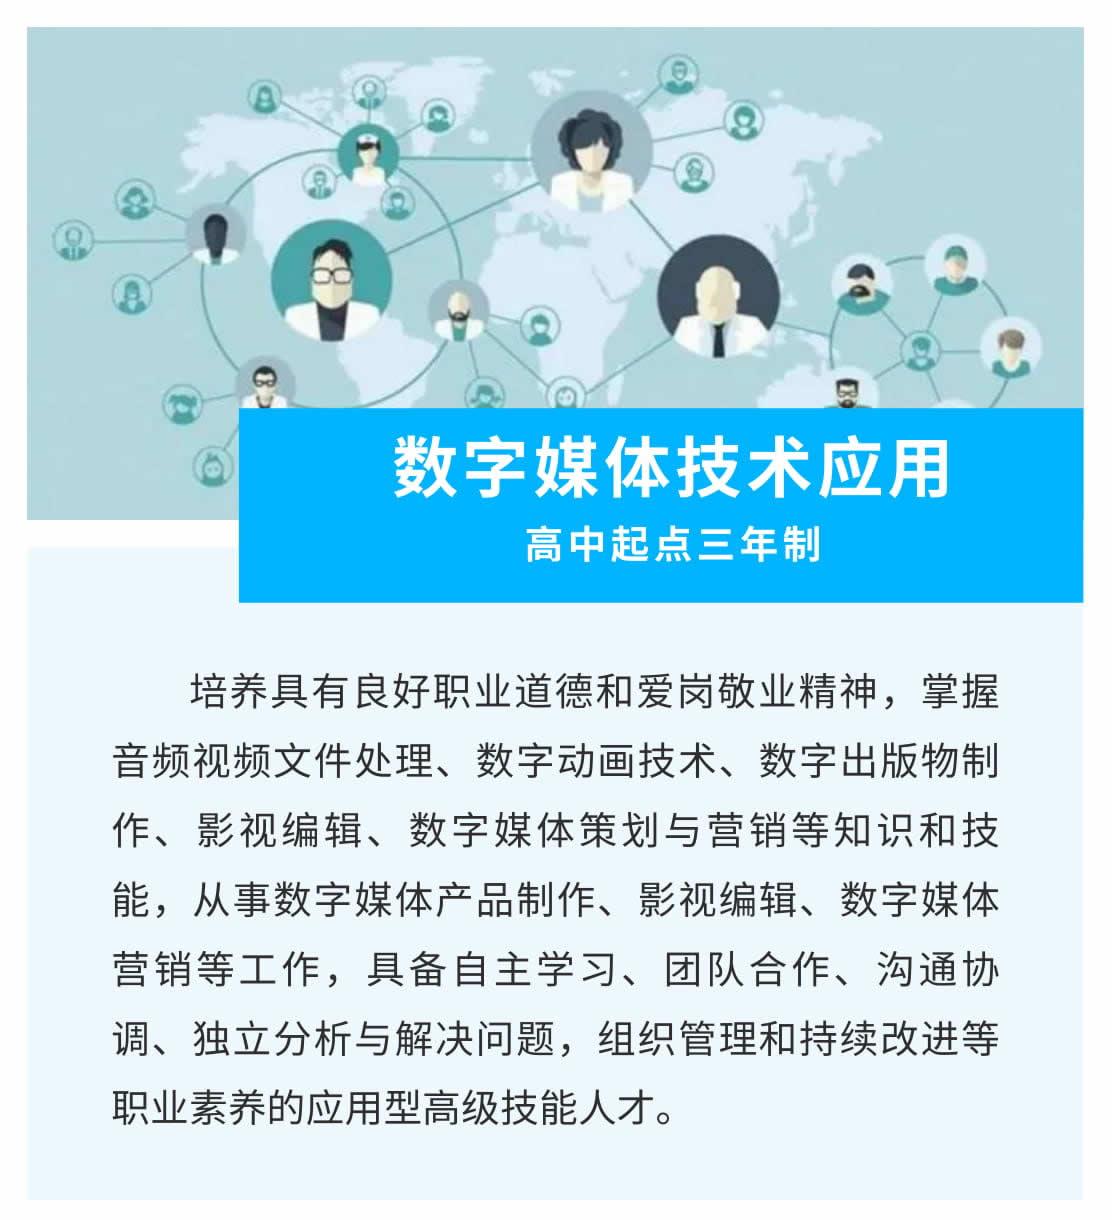 数字媒体技术应用-1_r1_c1.jpg